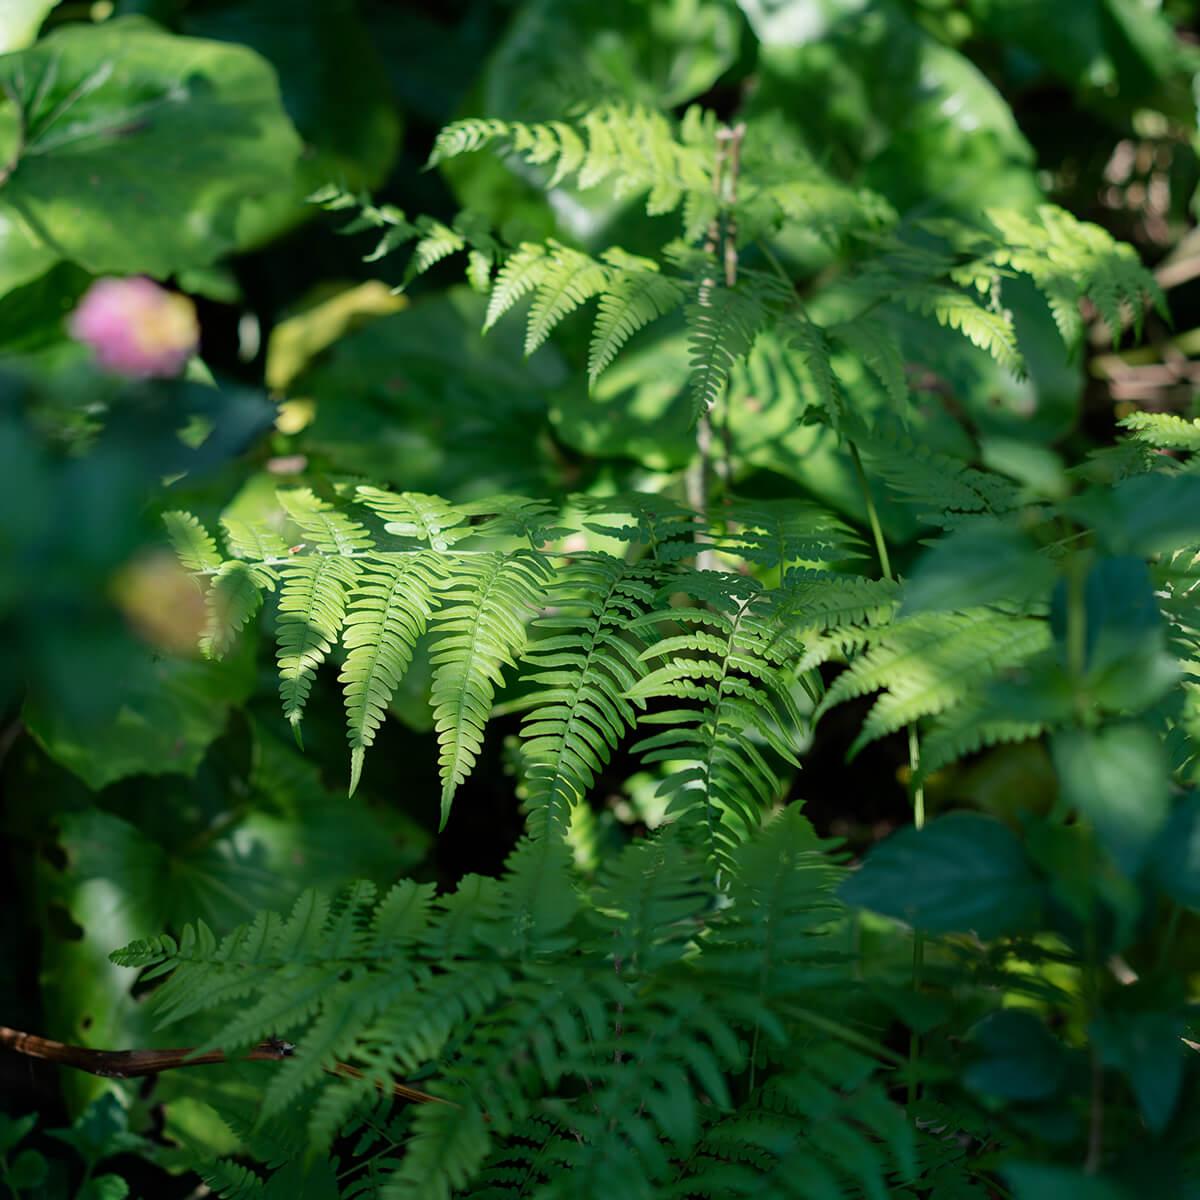 屋久島のシダ 屋久島の自然と暮らし オーダーメイドマリッジリングのアトリエ